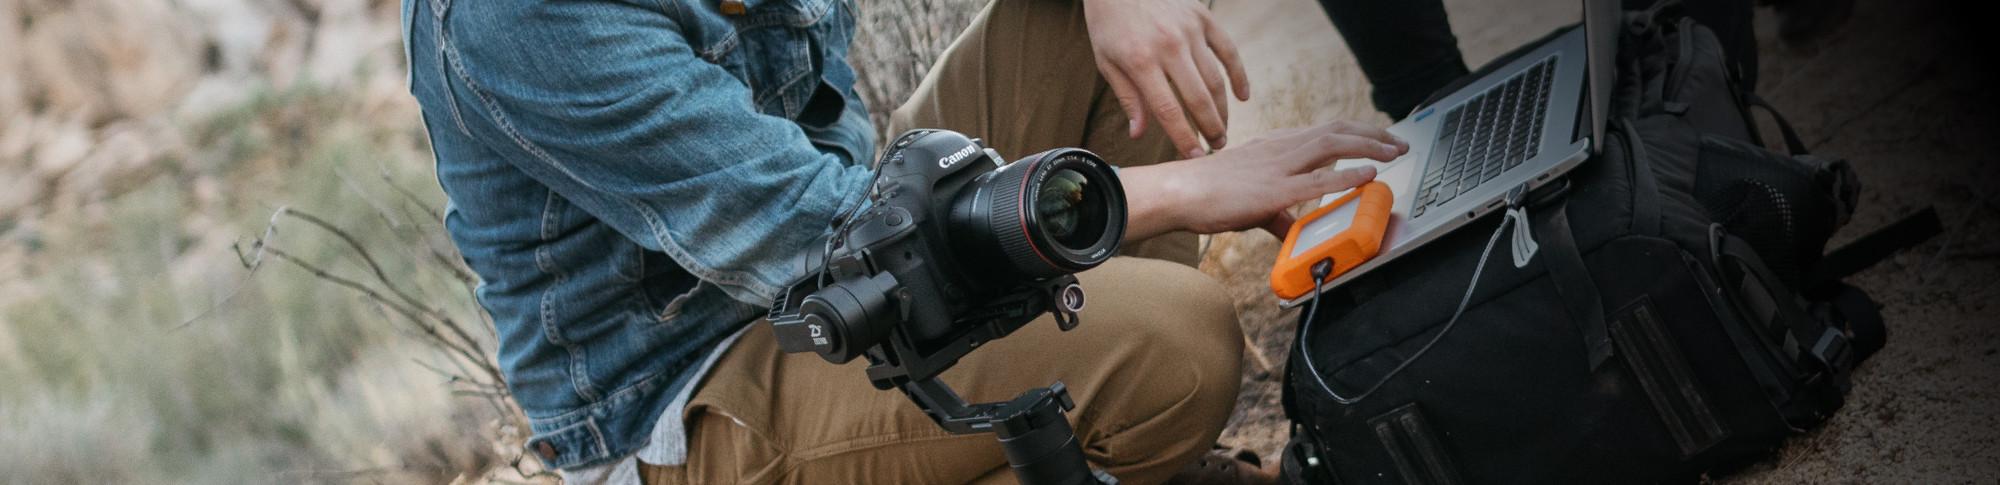 Tecnología en Cámaras Fotografía y Videos